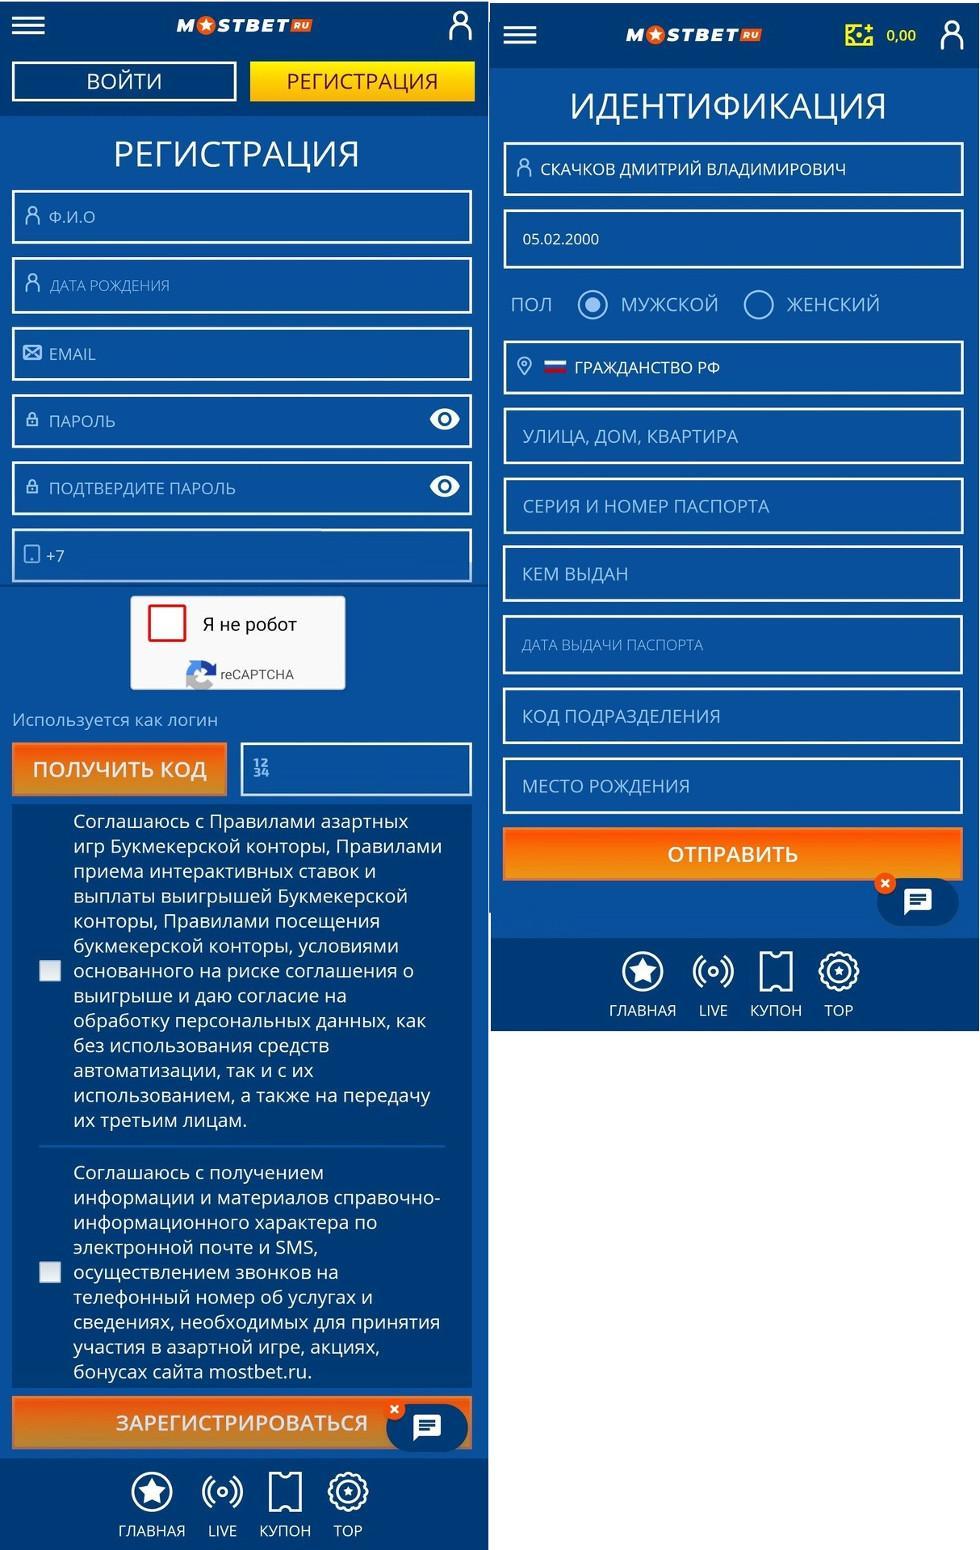 Приложение Мостбет на iOS скачать бесплатно с официального сайта БК